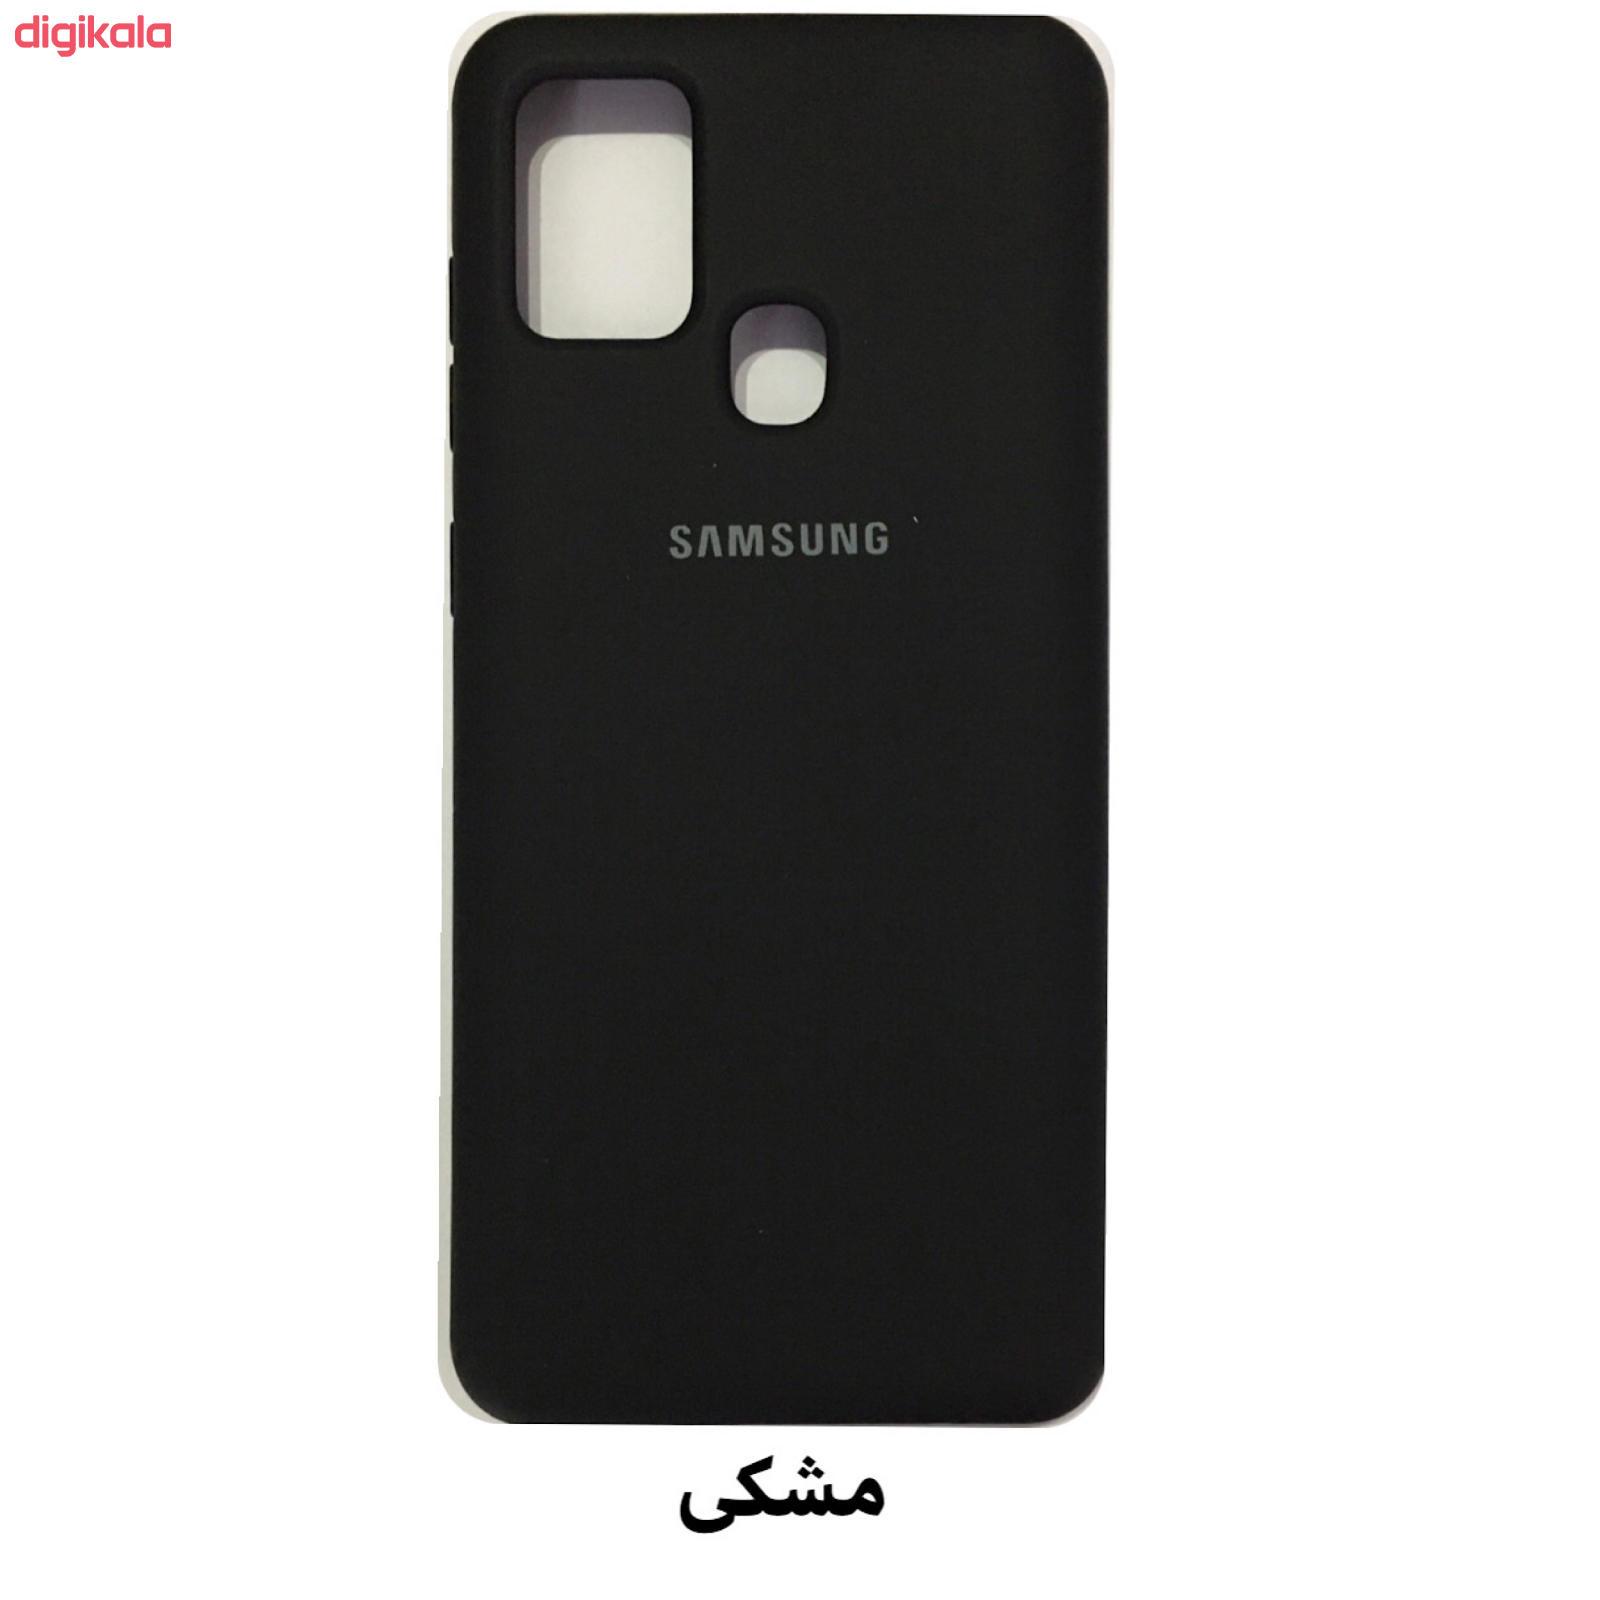 کاور مدل Sil-0021s مناسب برای گوشی موبایل سامسونگ Galaxy A21s main 1 9